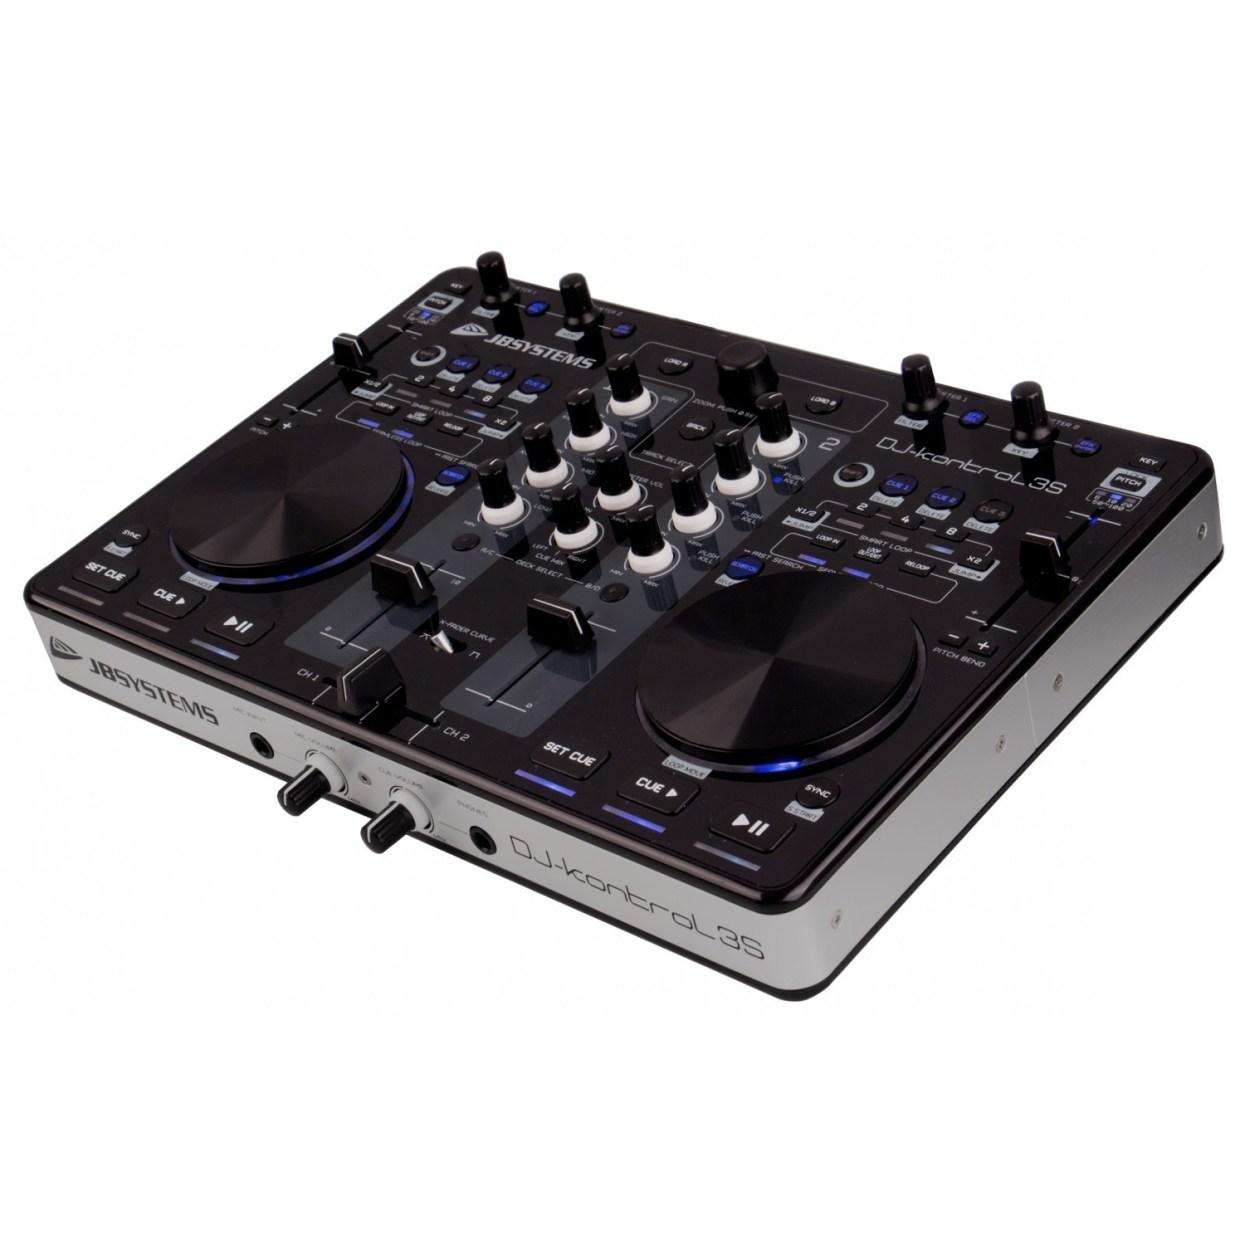 JB systems DJ-Kontrol 3S digitale DJ-controller